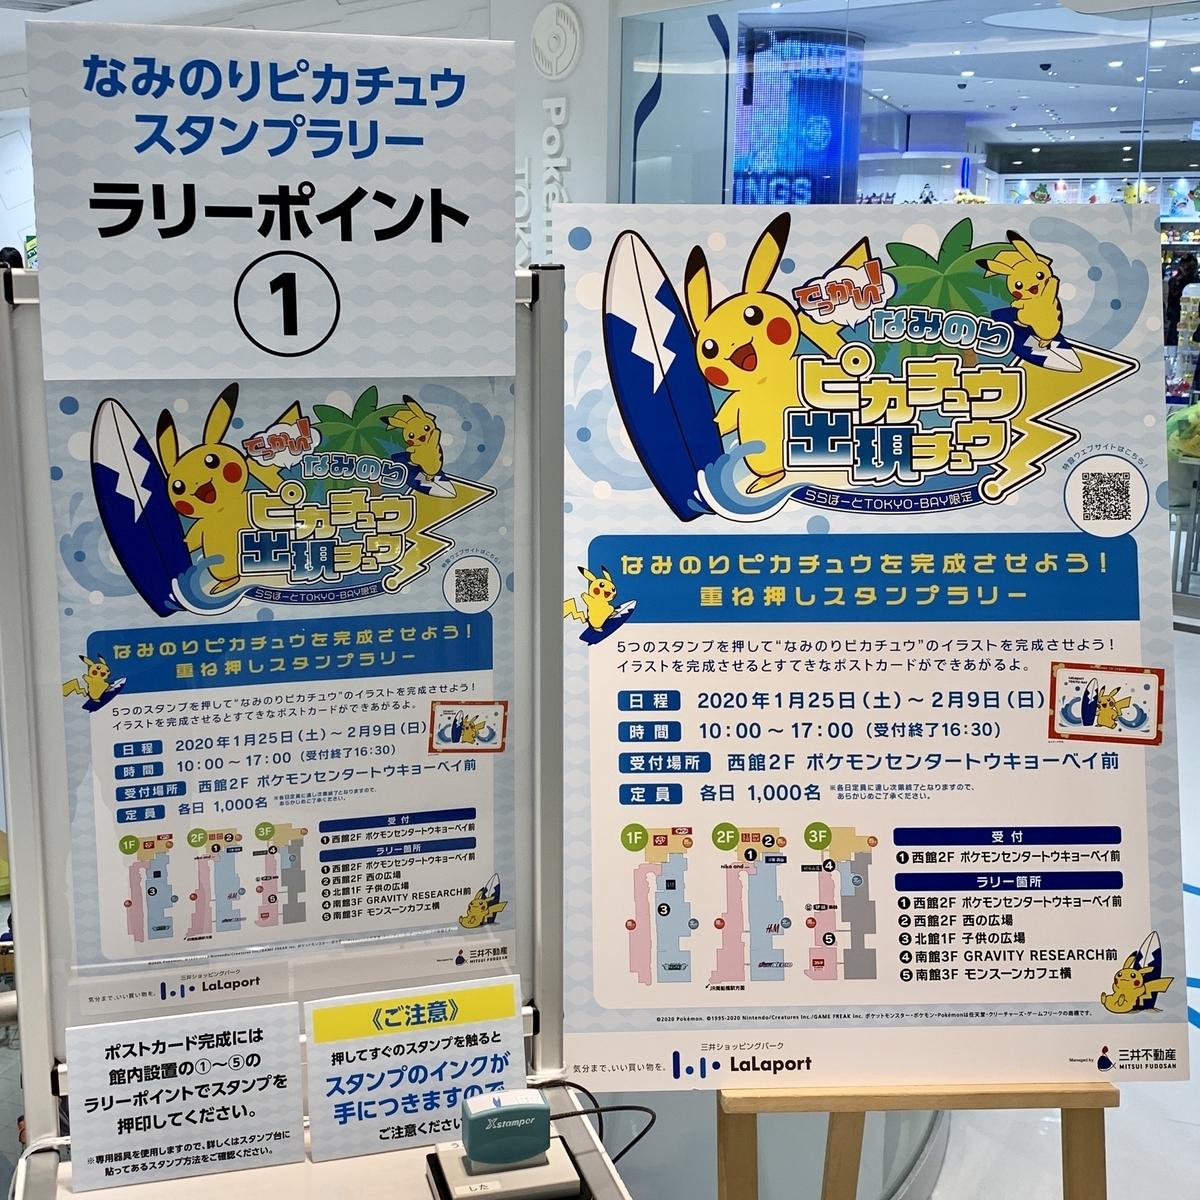 f:id:pikachu_pcn:20200202200237j:plain